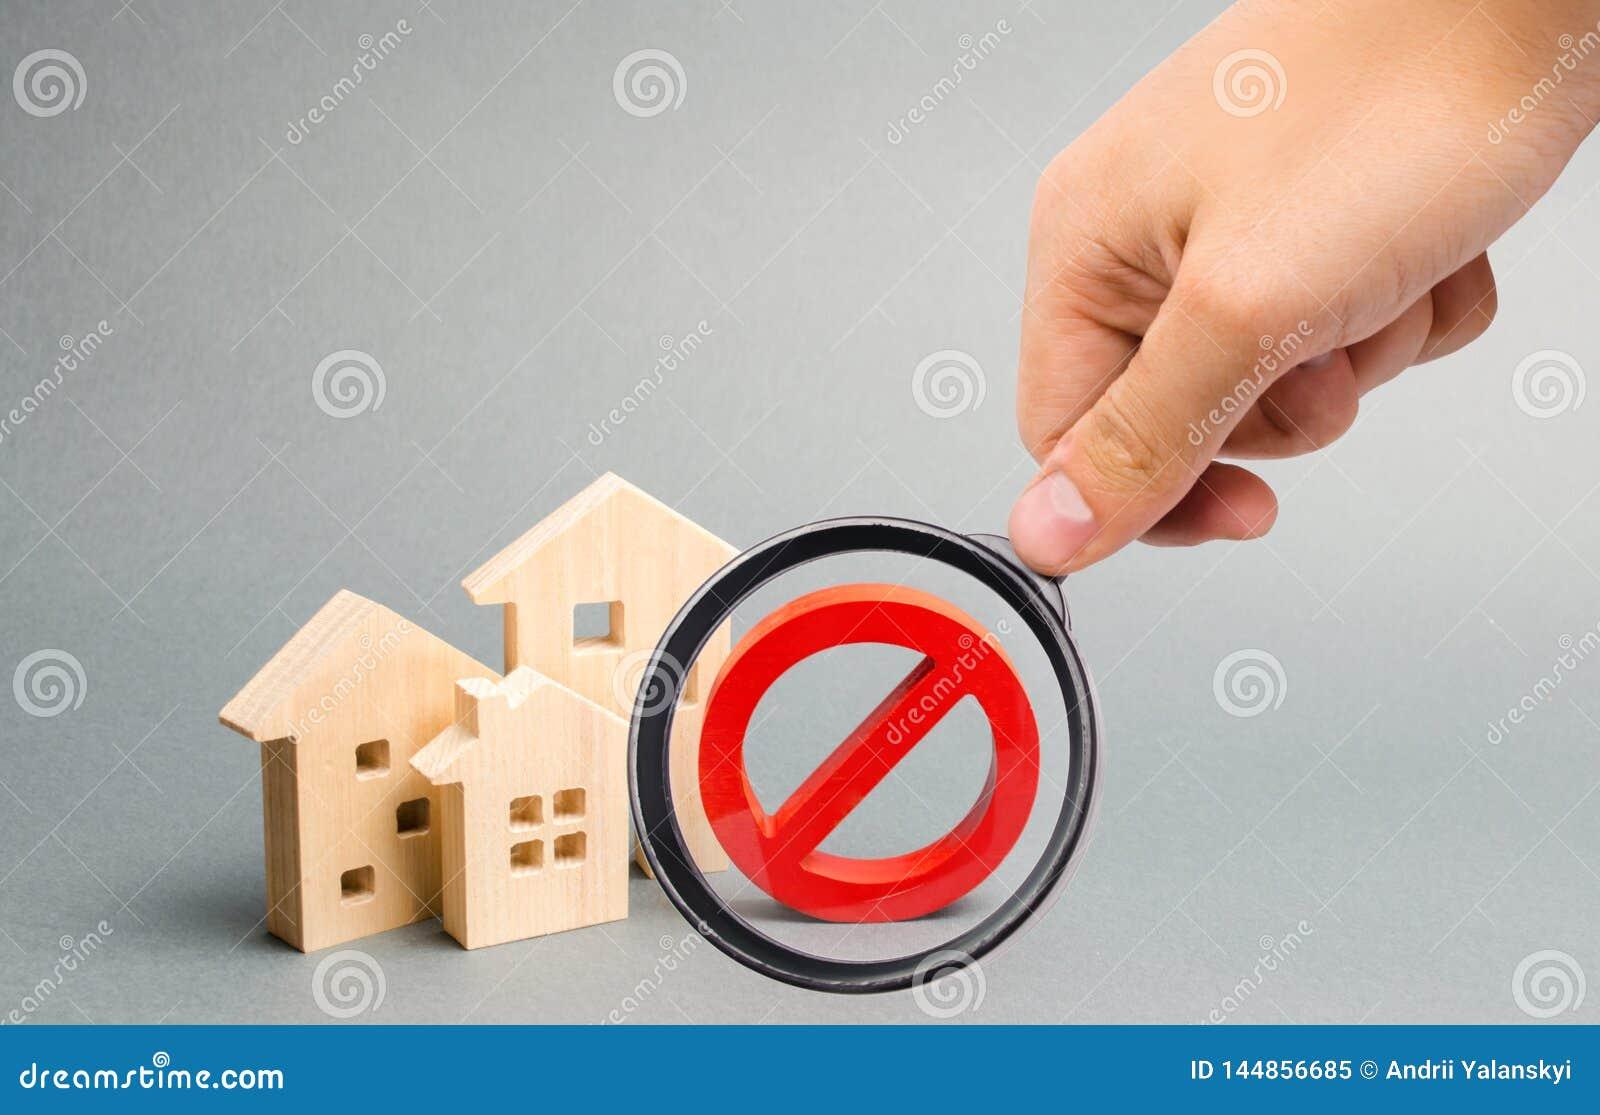 Ενίσχυση - το γυαλί εξετάζει το σημάδι αριθ. και το ξύλινο σπίτι Απρόσιτο του πολυάσχολου ή χαμηλού ανεφοδιασμού κατοικίας, Απρόσ